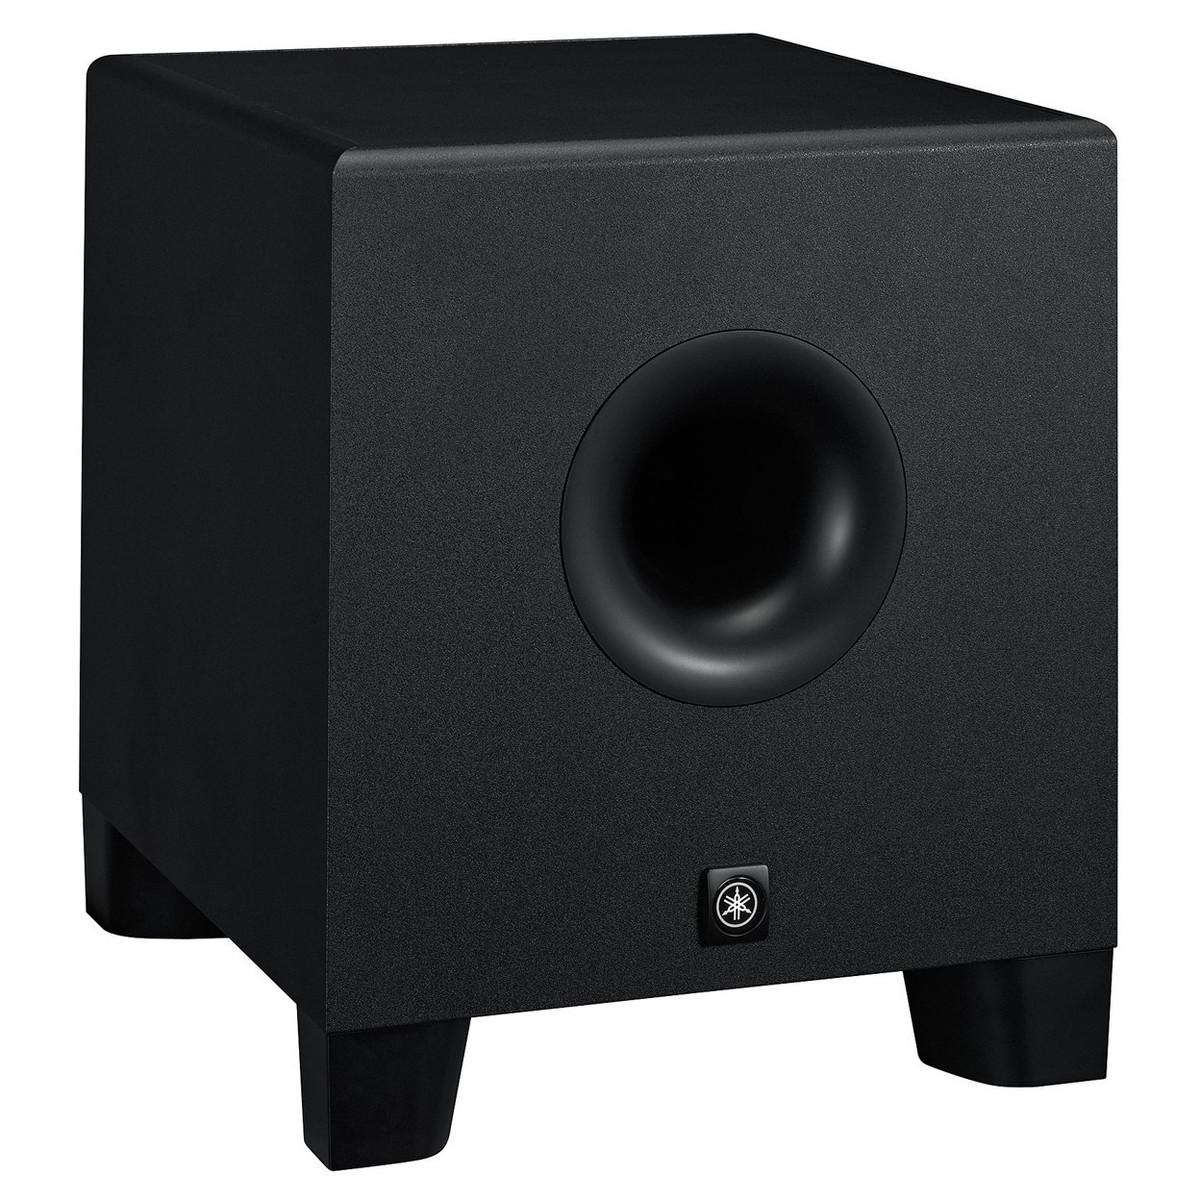 yamaha hs8s aktiv subwoofer gear4music. Black Bedroom Furniture Sets. Home Design Ideas